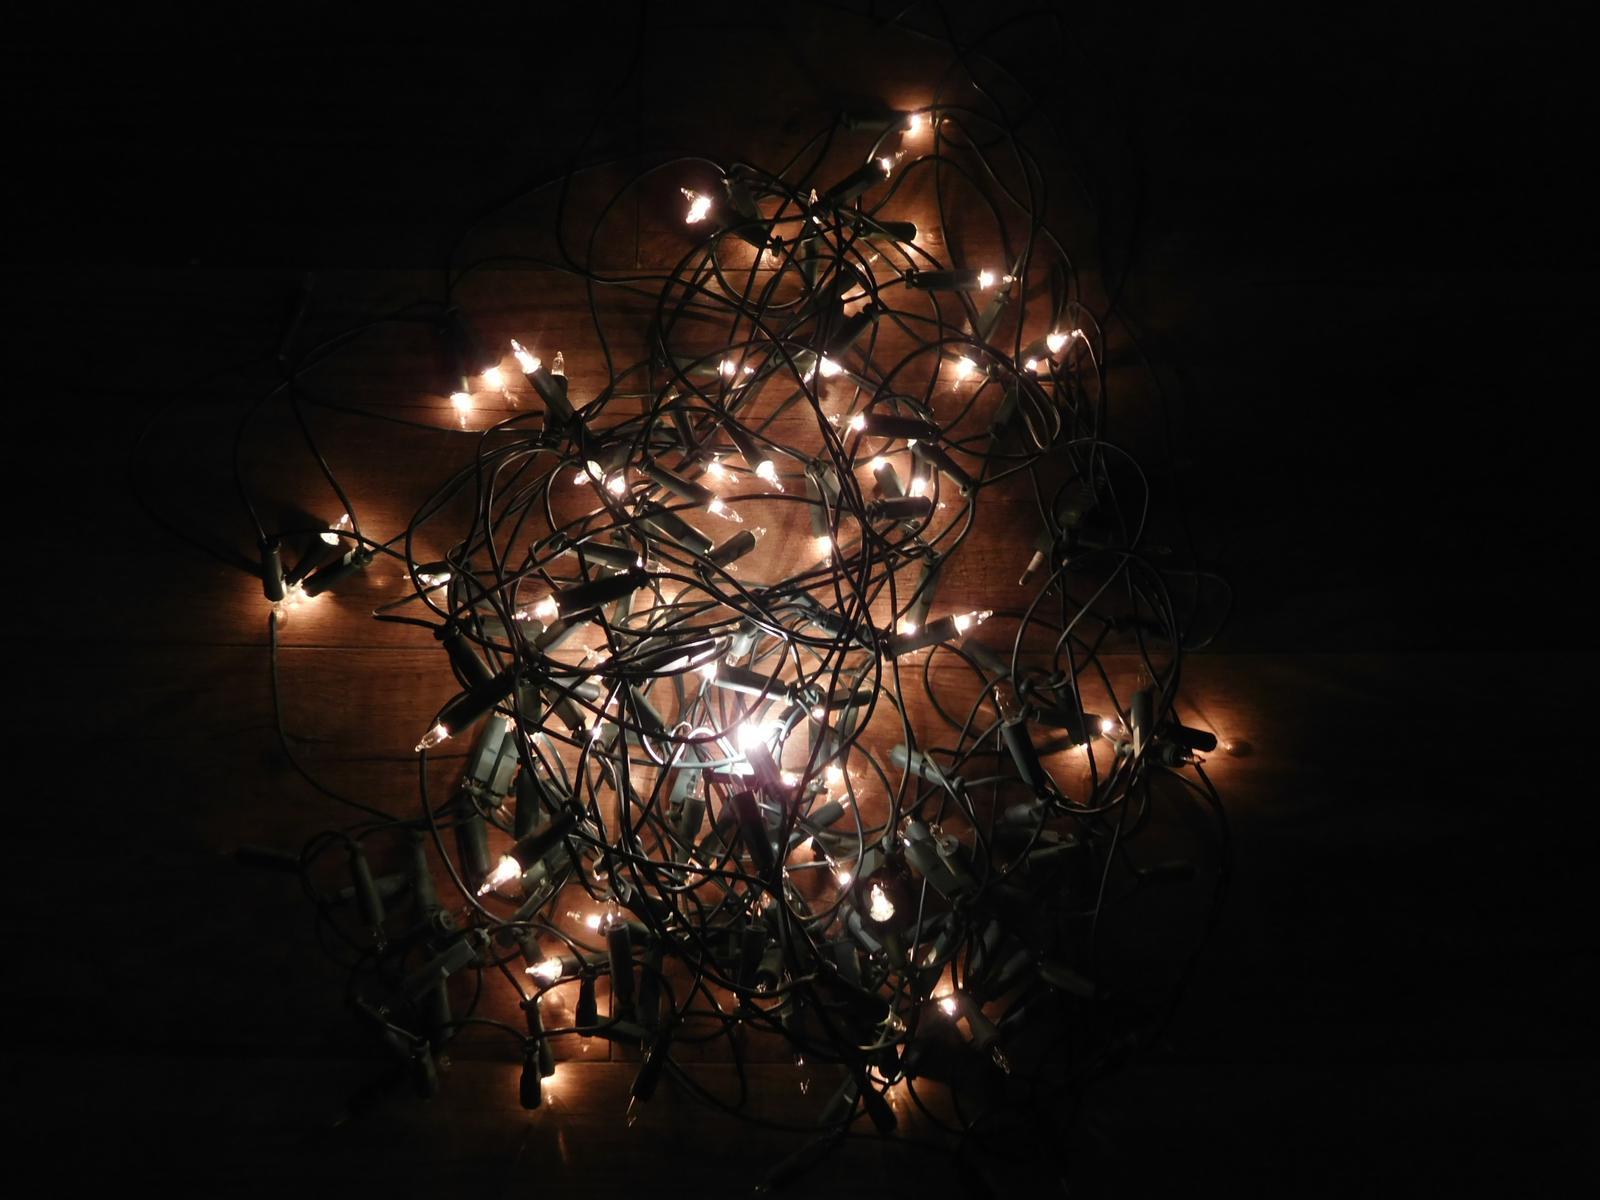 70 ks  kvalitné vianočné osvetlenie-žiarovky - Obrázok č. 4